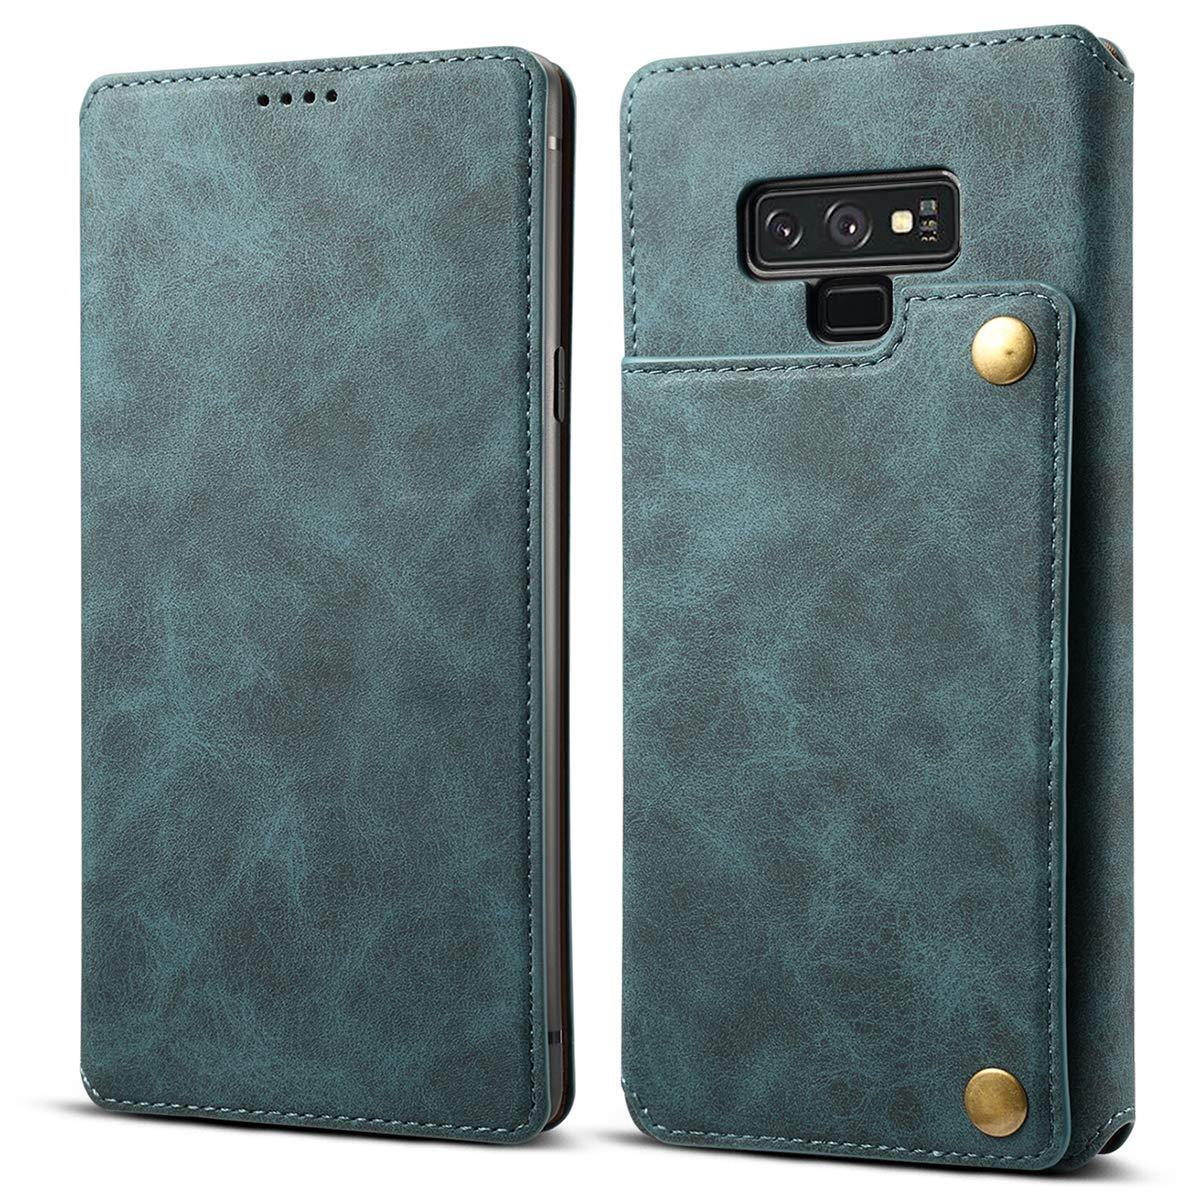 Samsung Galaxy Note 9 Leder Handyhü lle [Standfunktion] [Kartenfä cher] Flip Case Cover Leder Brieftasche Handy Schutzhü lle Lederhü lle Geldklammer